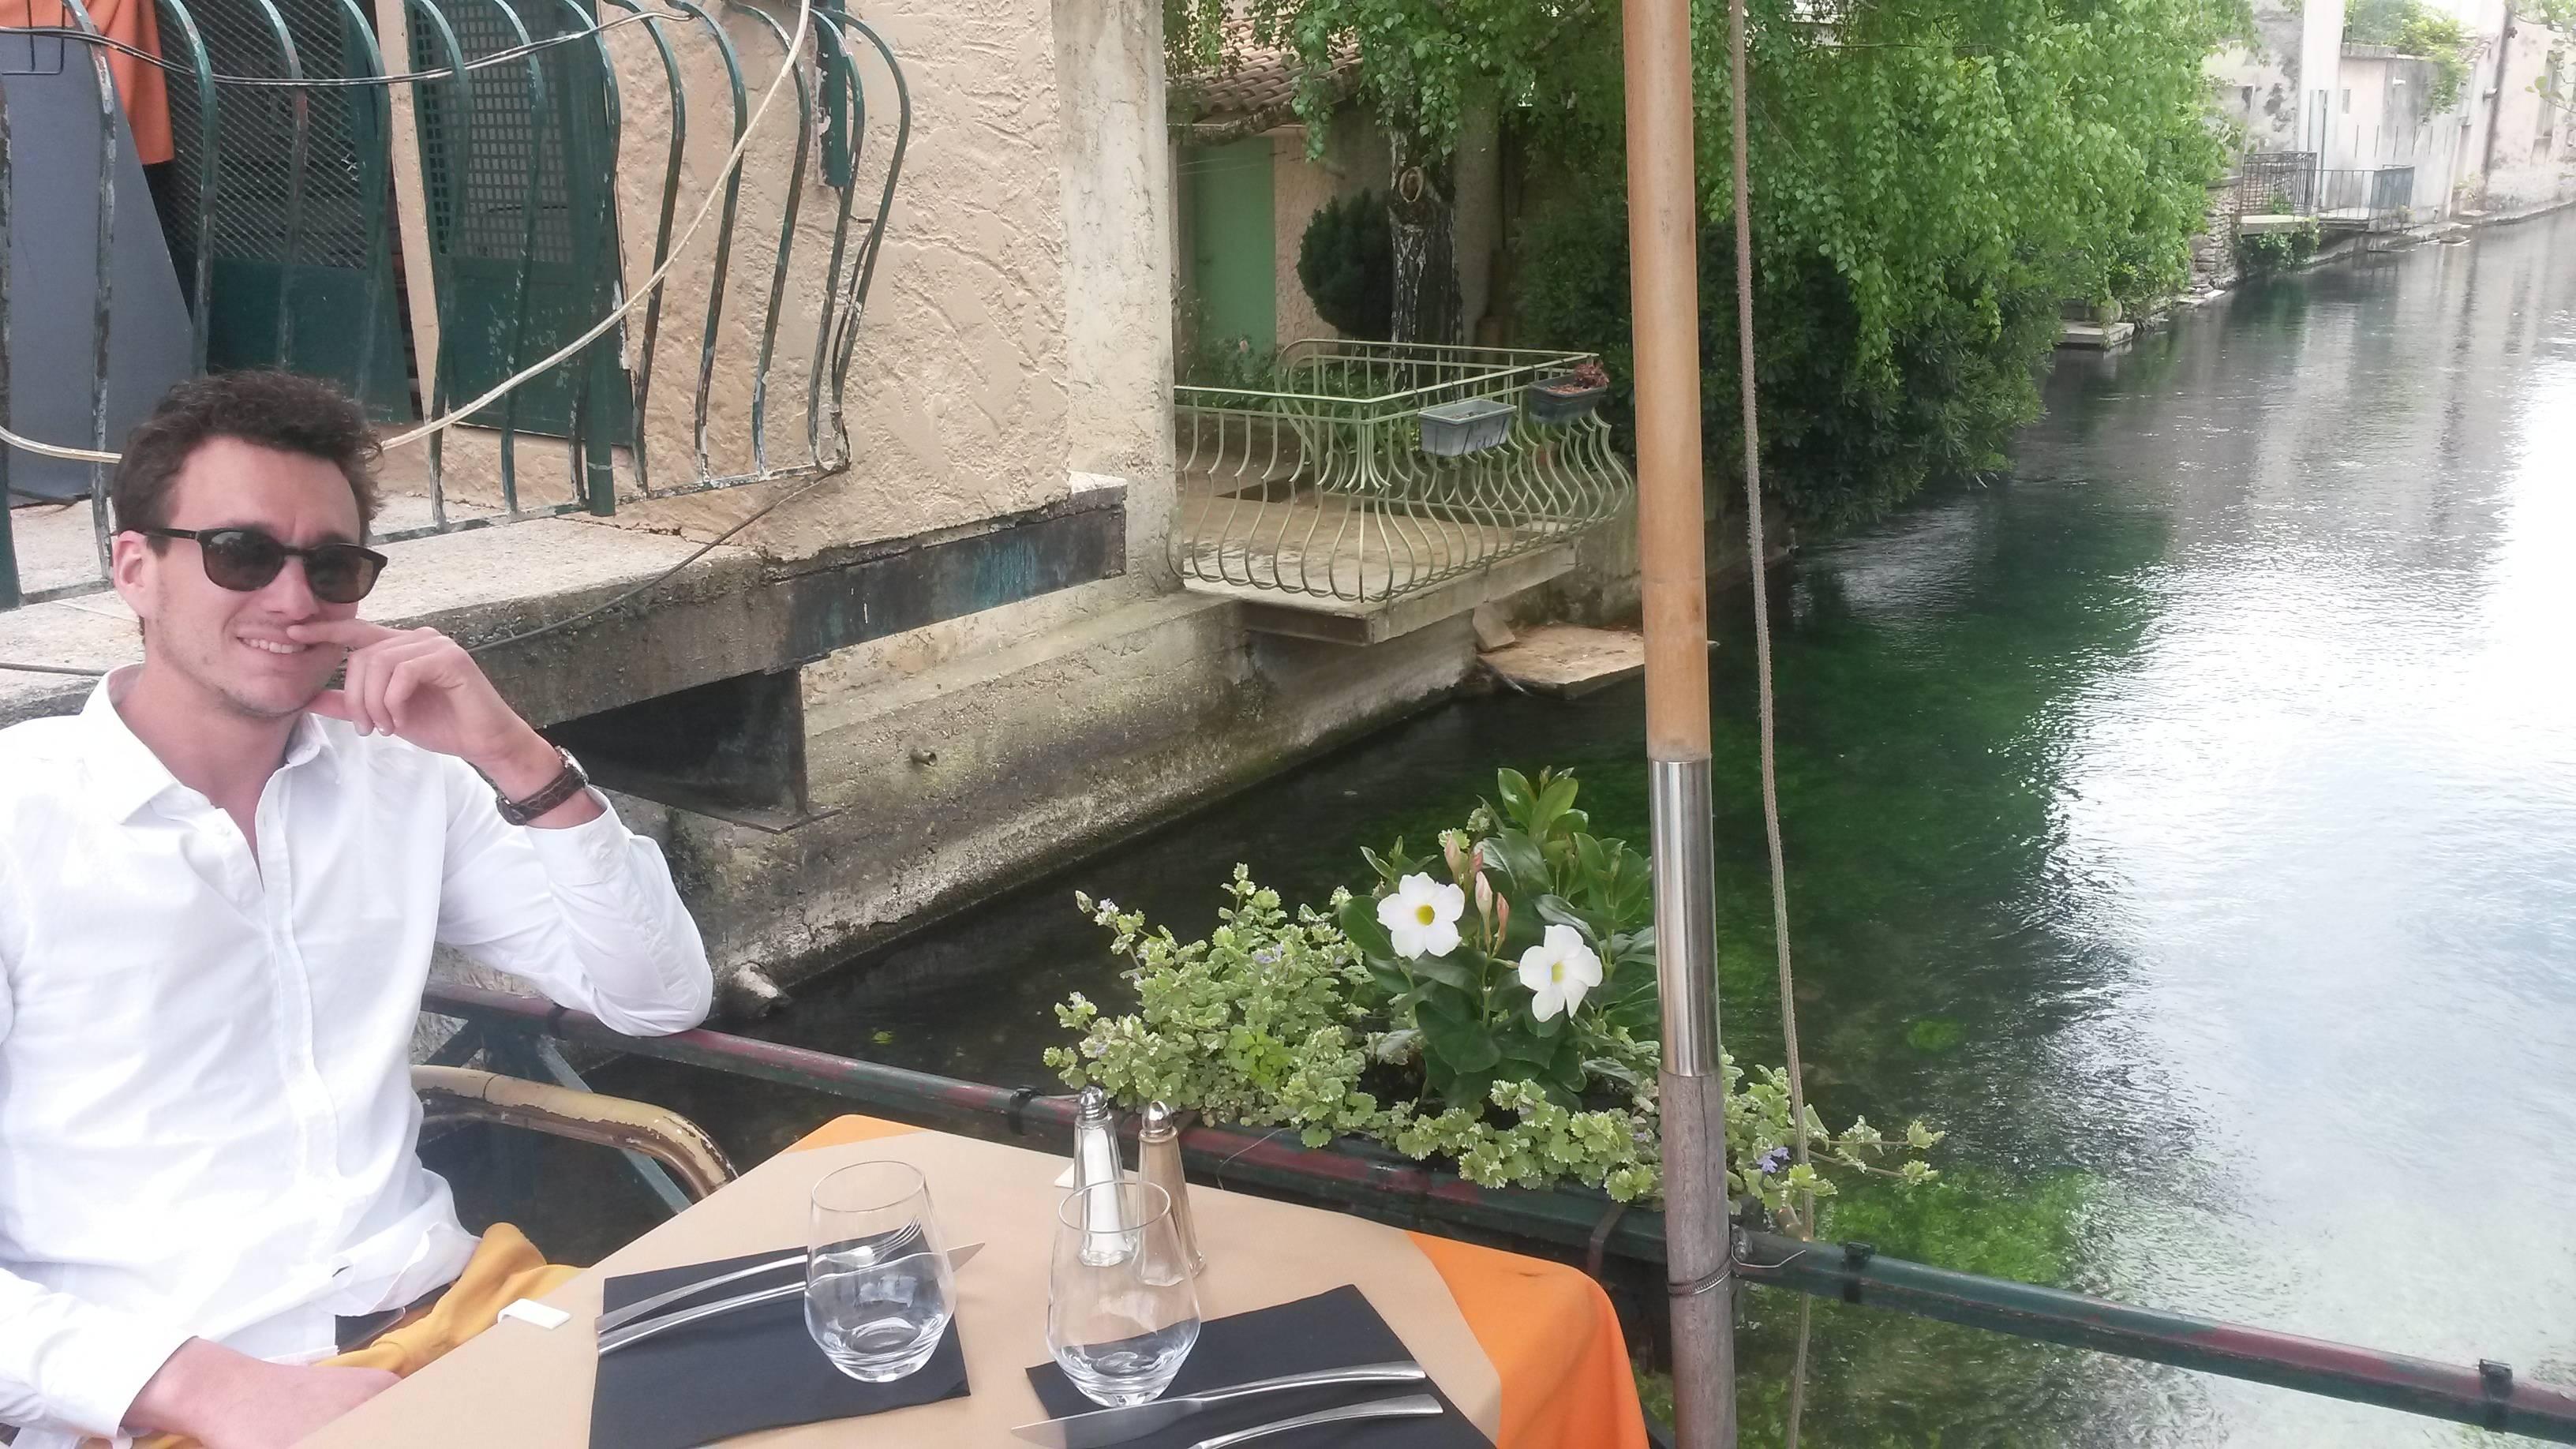 Photo 1: Déjeuner sur un pont à L'Isle-sur-sorgue